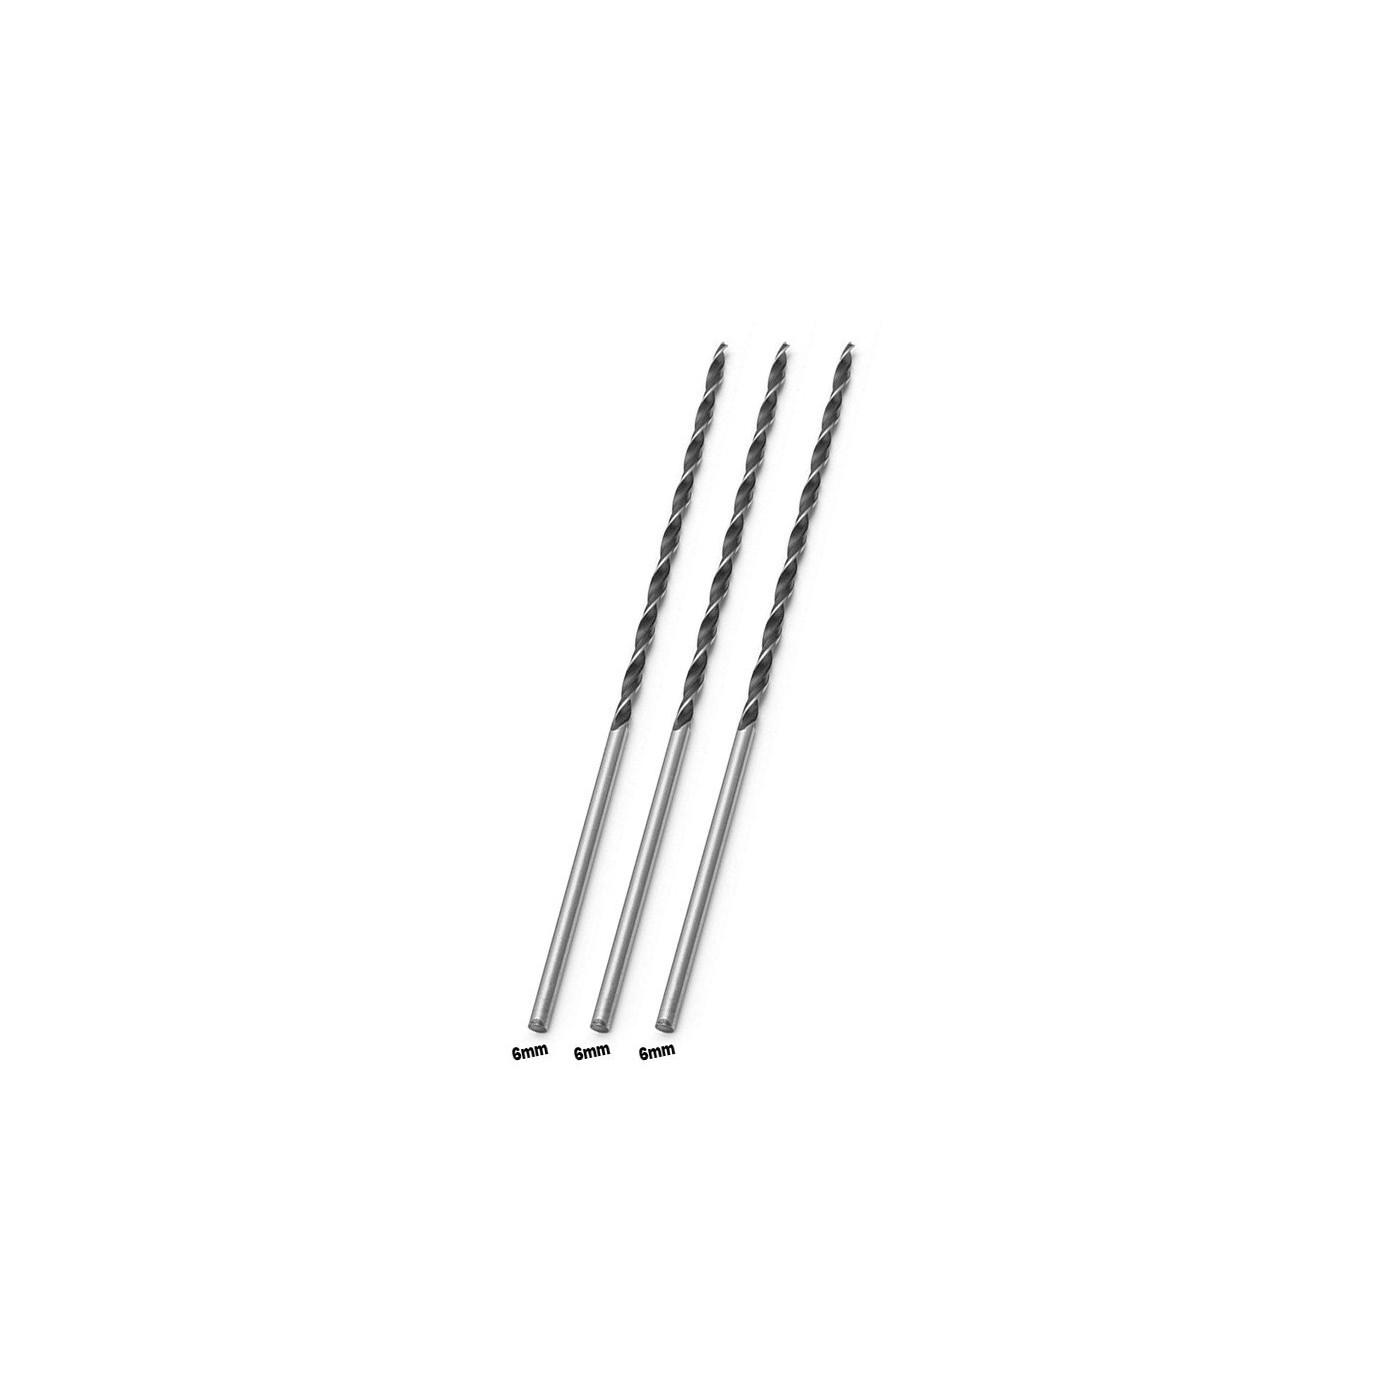 Conjunto de 3 brocas para madeira extra longas (6x300 mm)  - 1